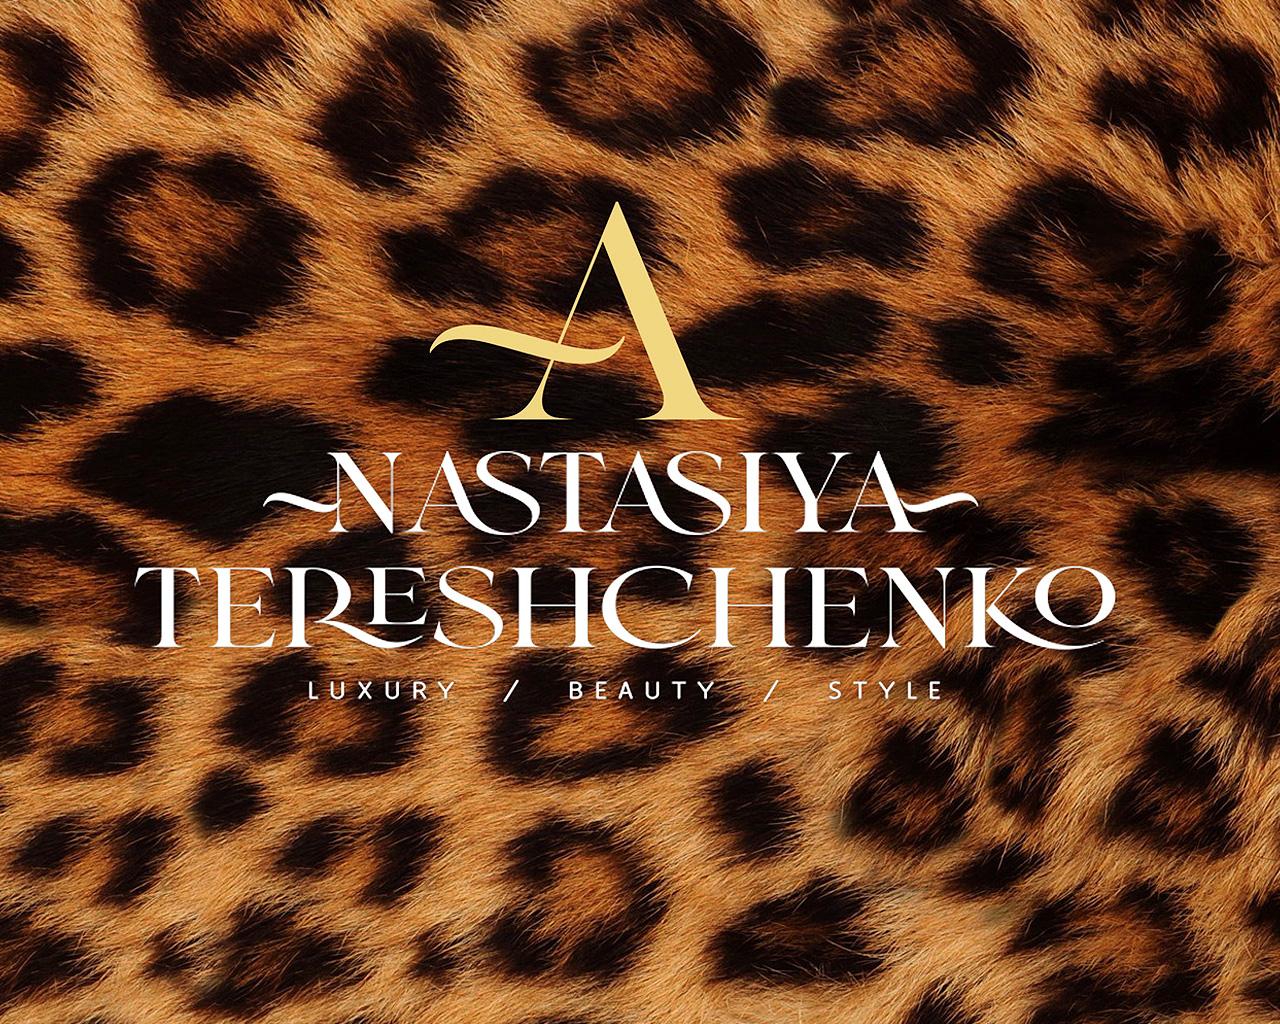 Разработка логотипа для наставника в мире моды Анастасии Терещенко